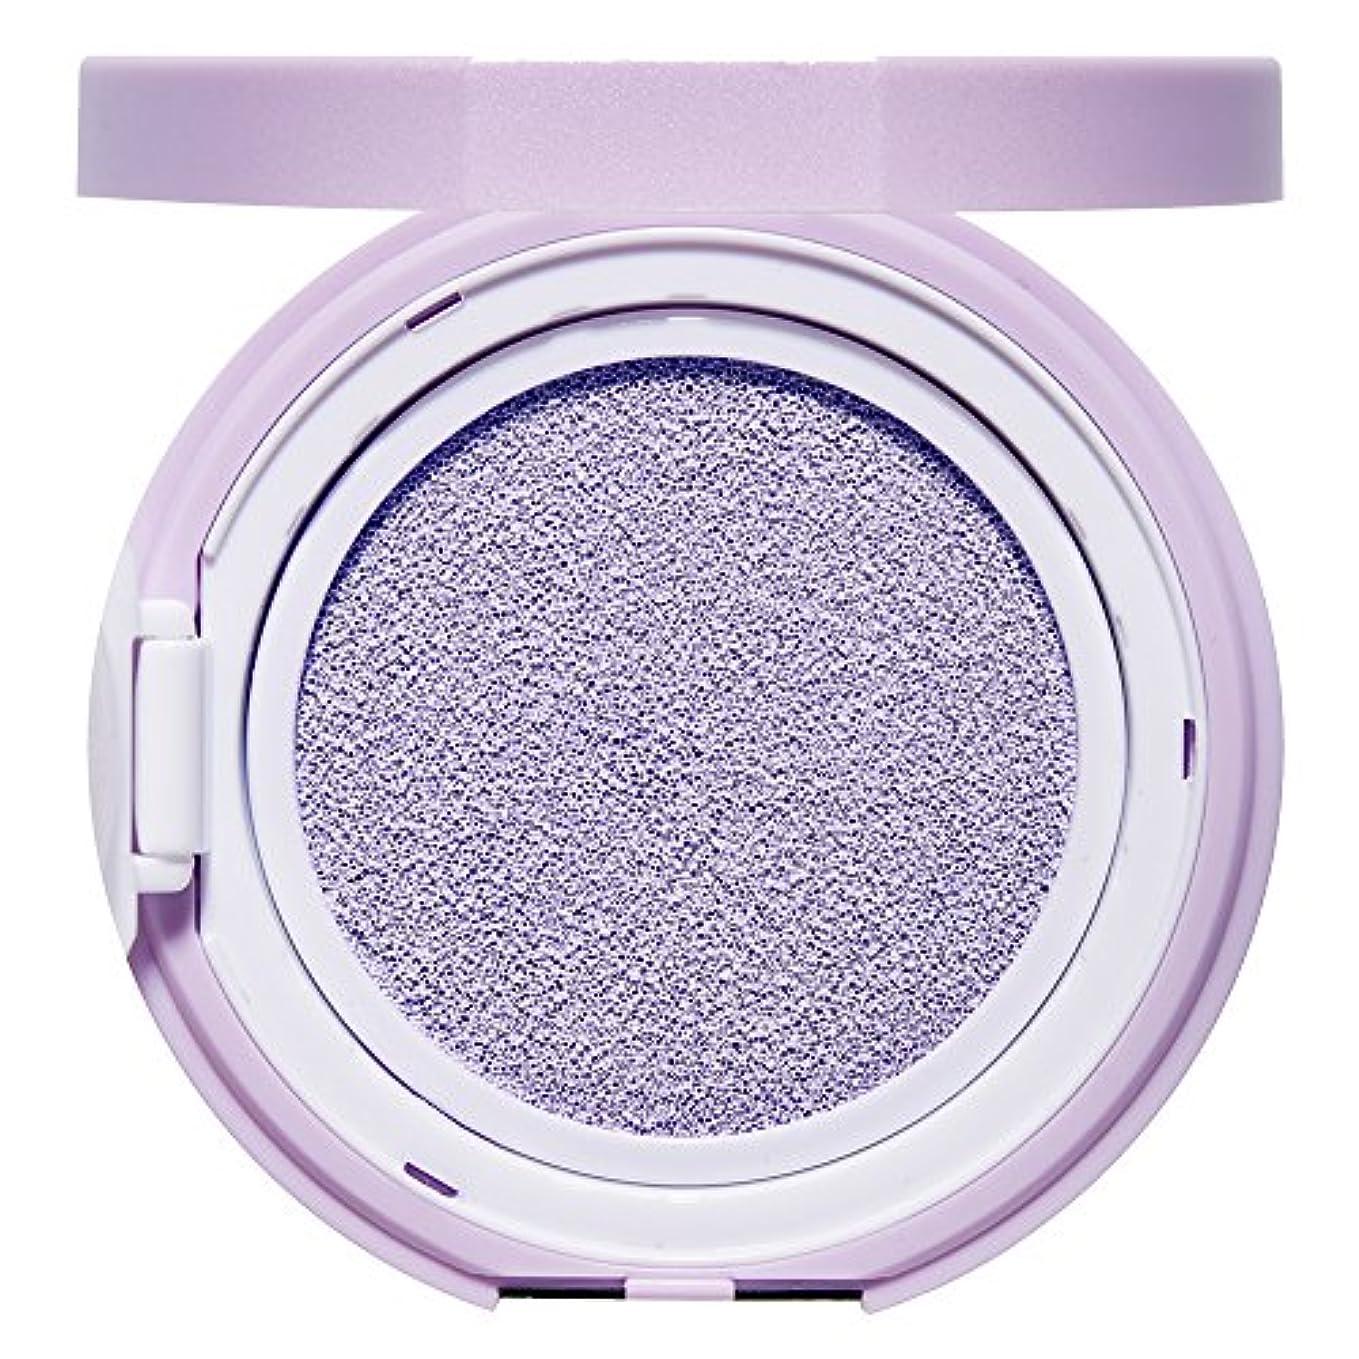 ビデオ彫るヒュームエチュードハウス(ETUDE HOUSE) エニークッション カラーコレクター Lavender[化粧下地、コントロールカラー、紫、パープル]